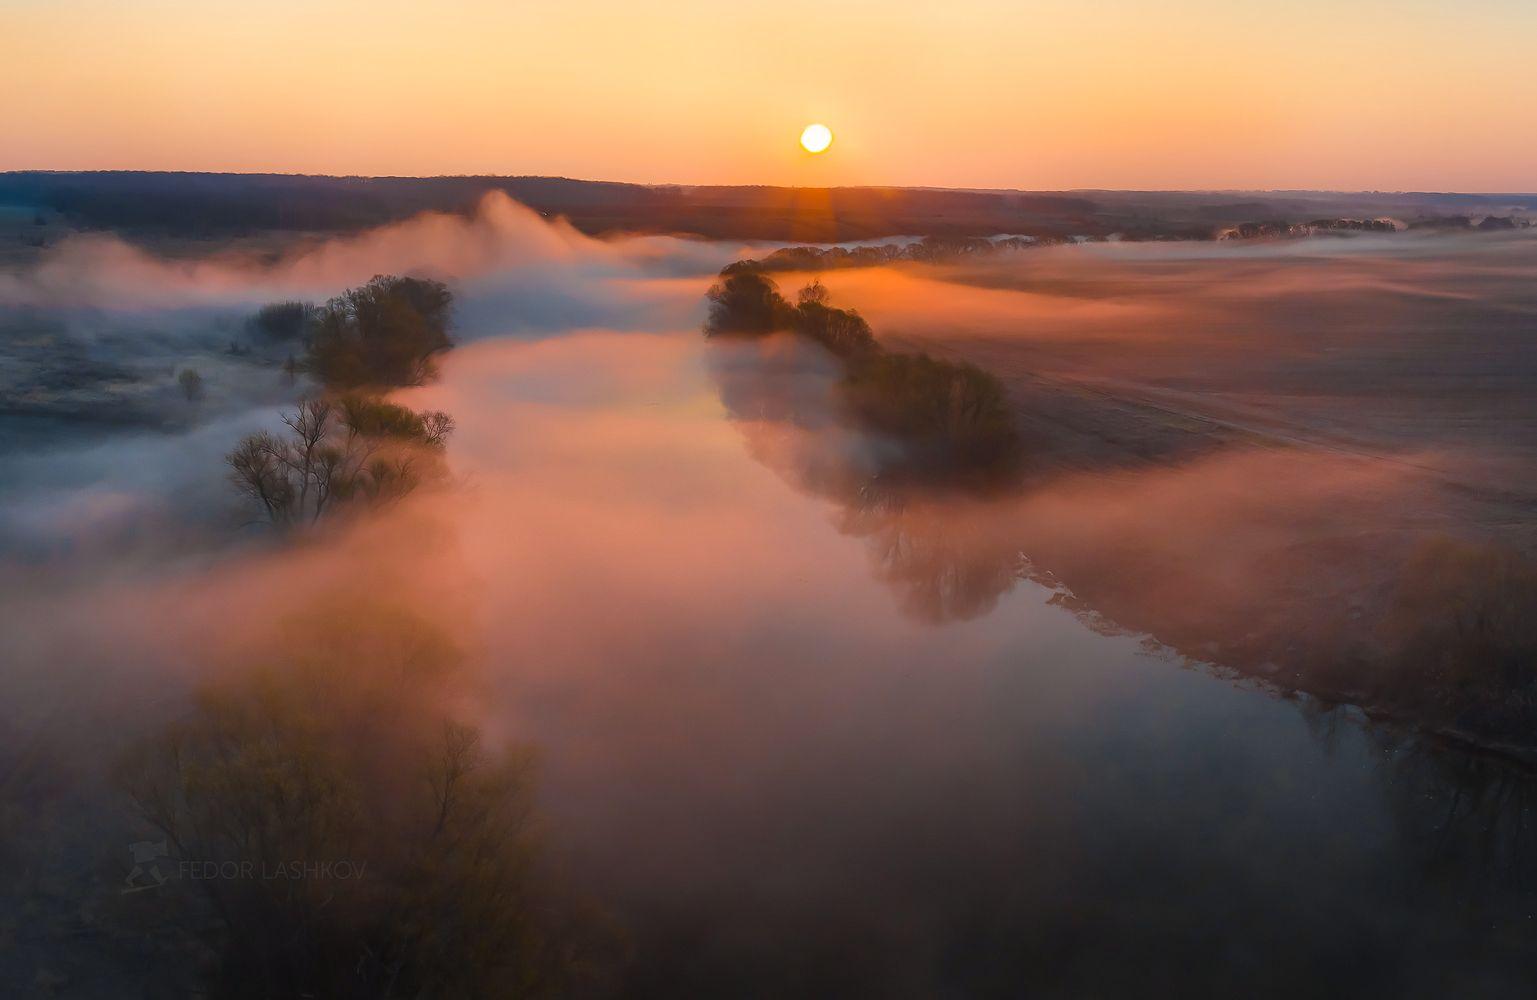 Весенний туман Лебедянский район Липецкая область река Красивая Меча весна апрель туманное квадрокоптер солнце туман